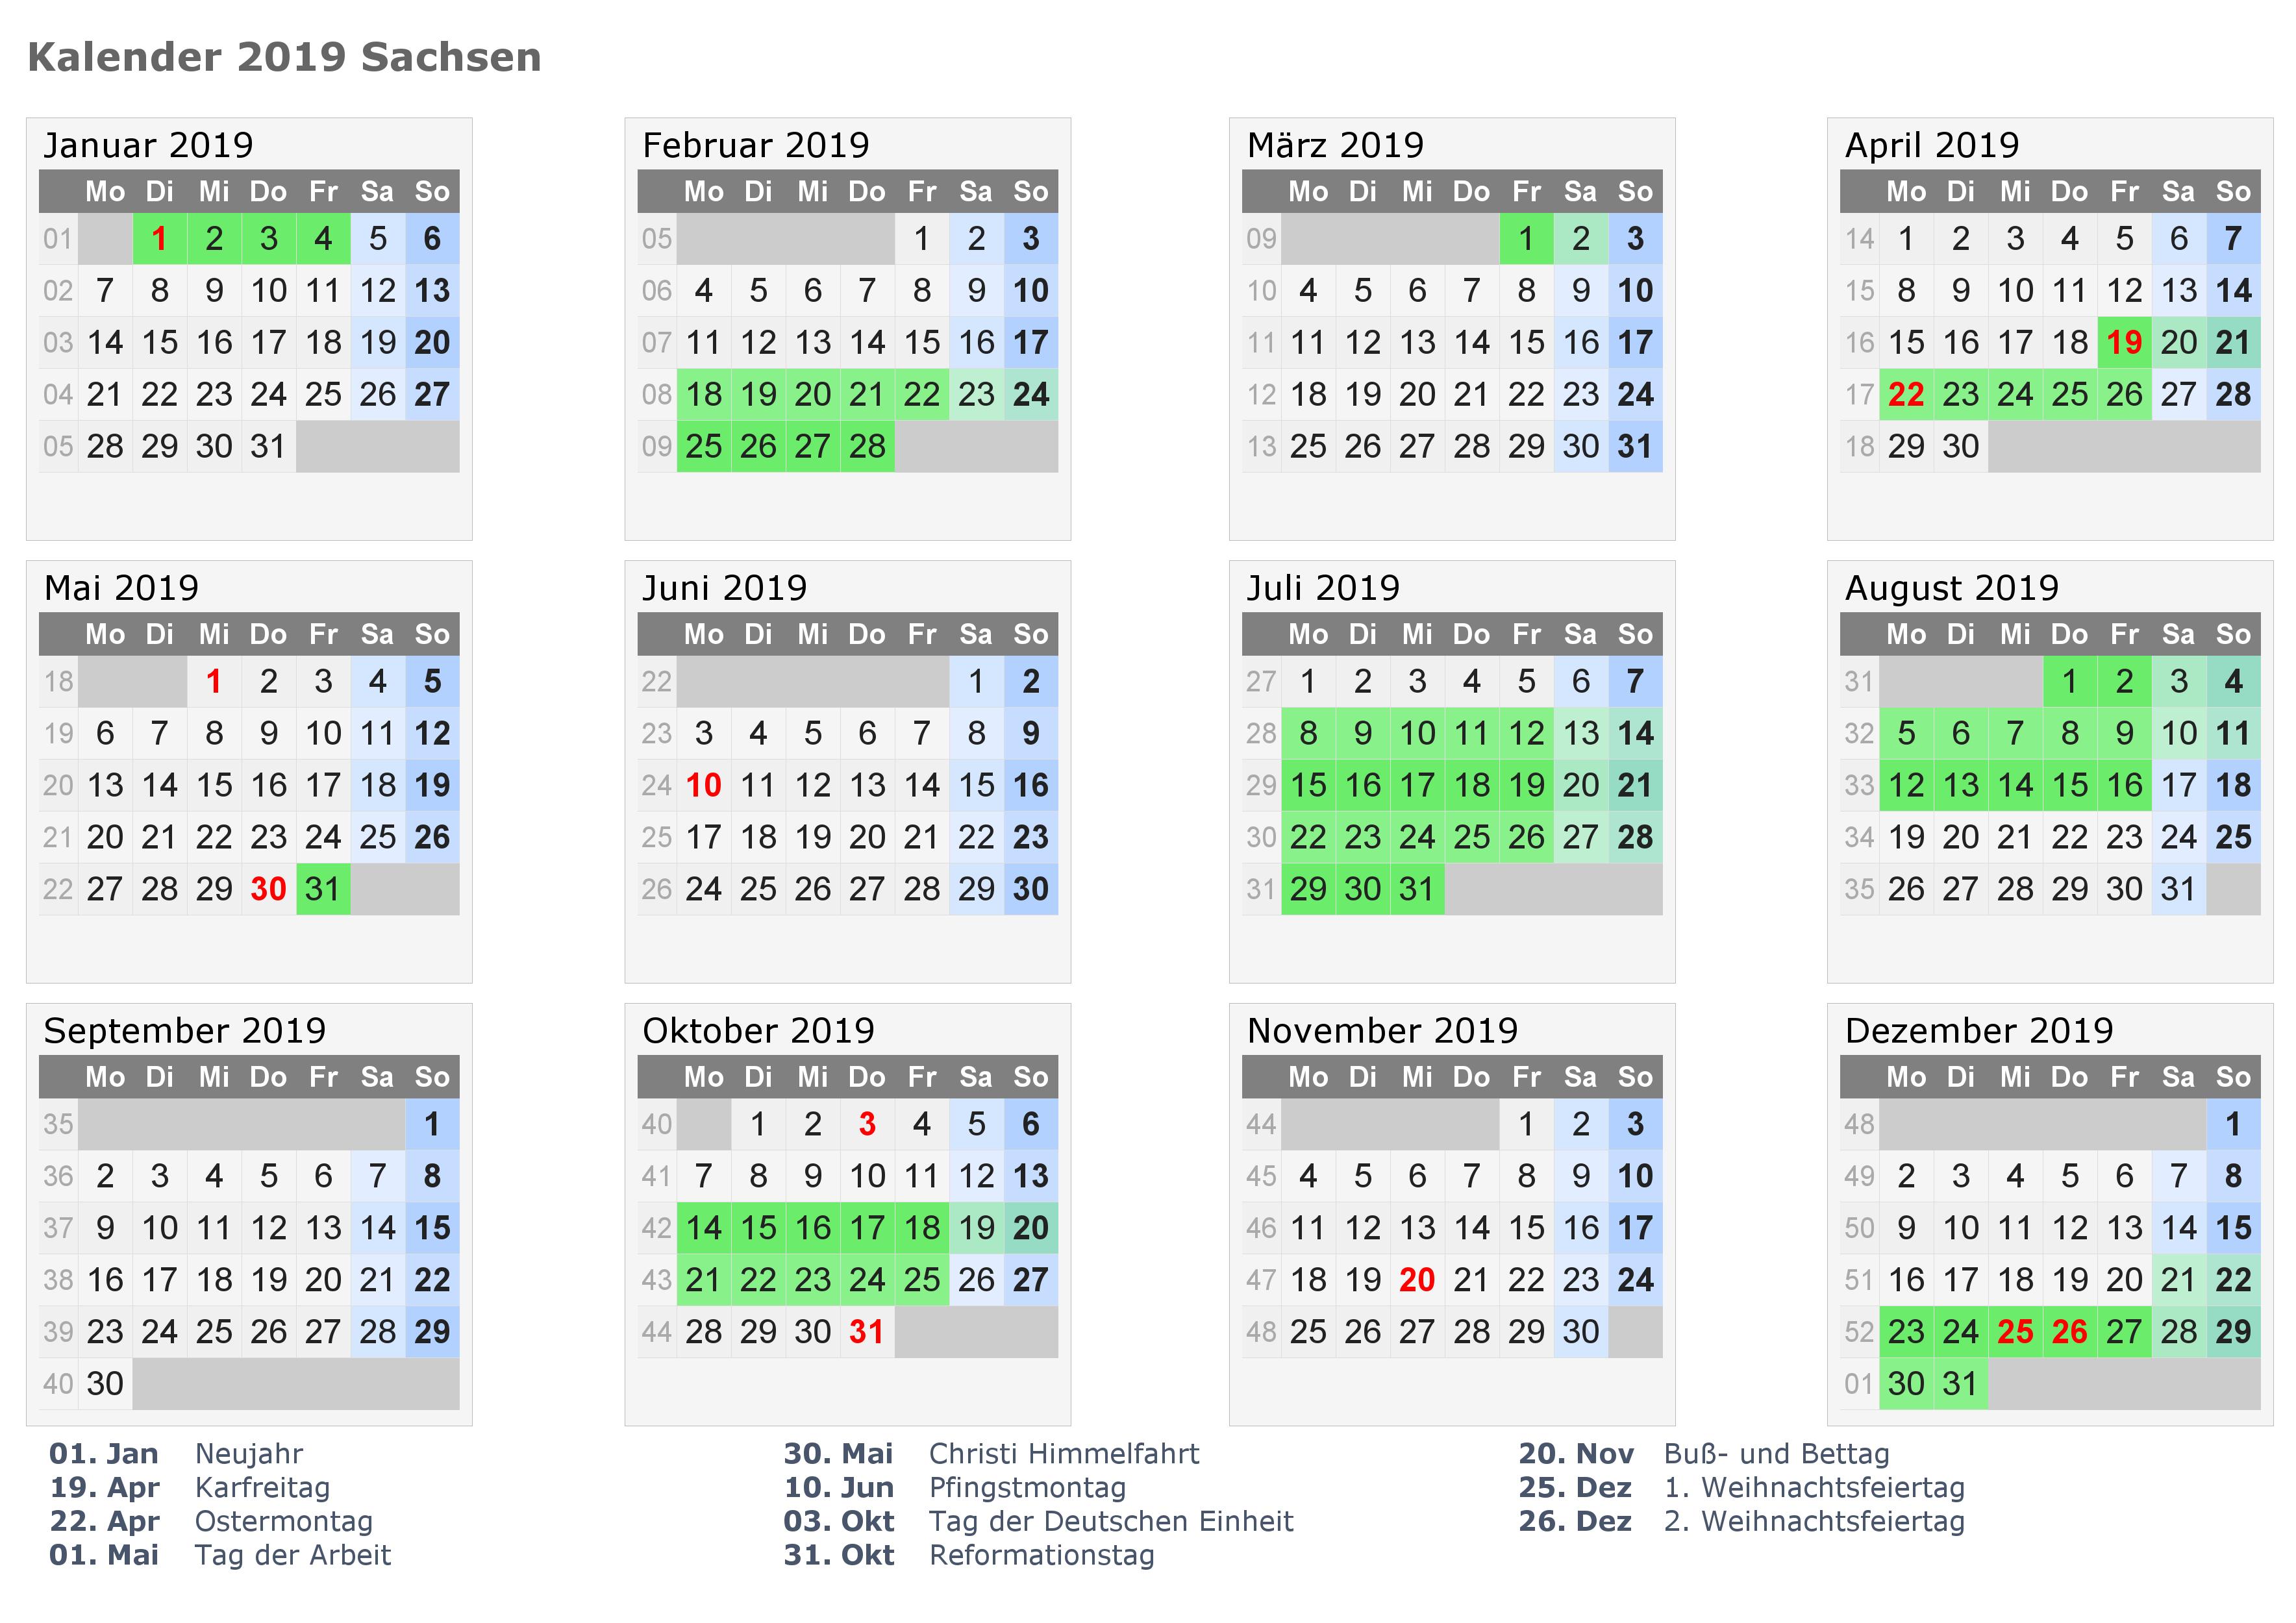 Wann Sind Die Sommerferien Sachsen 2020?